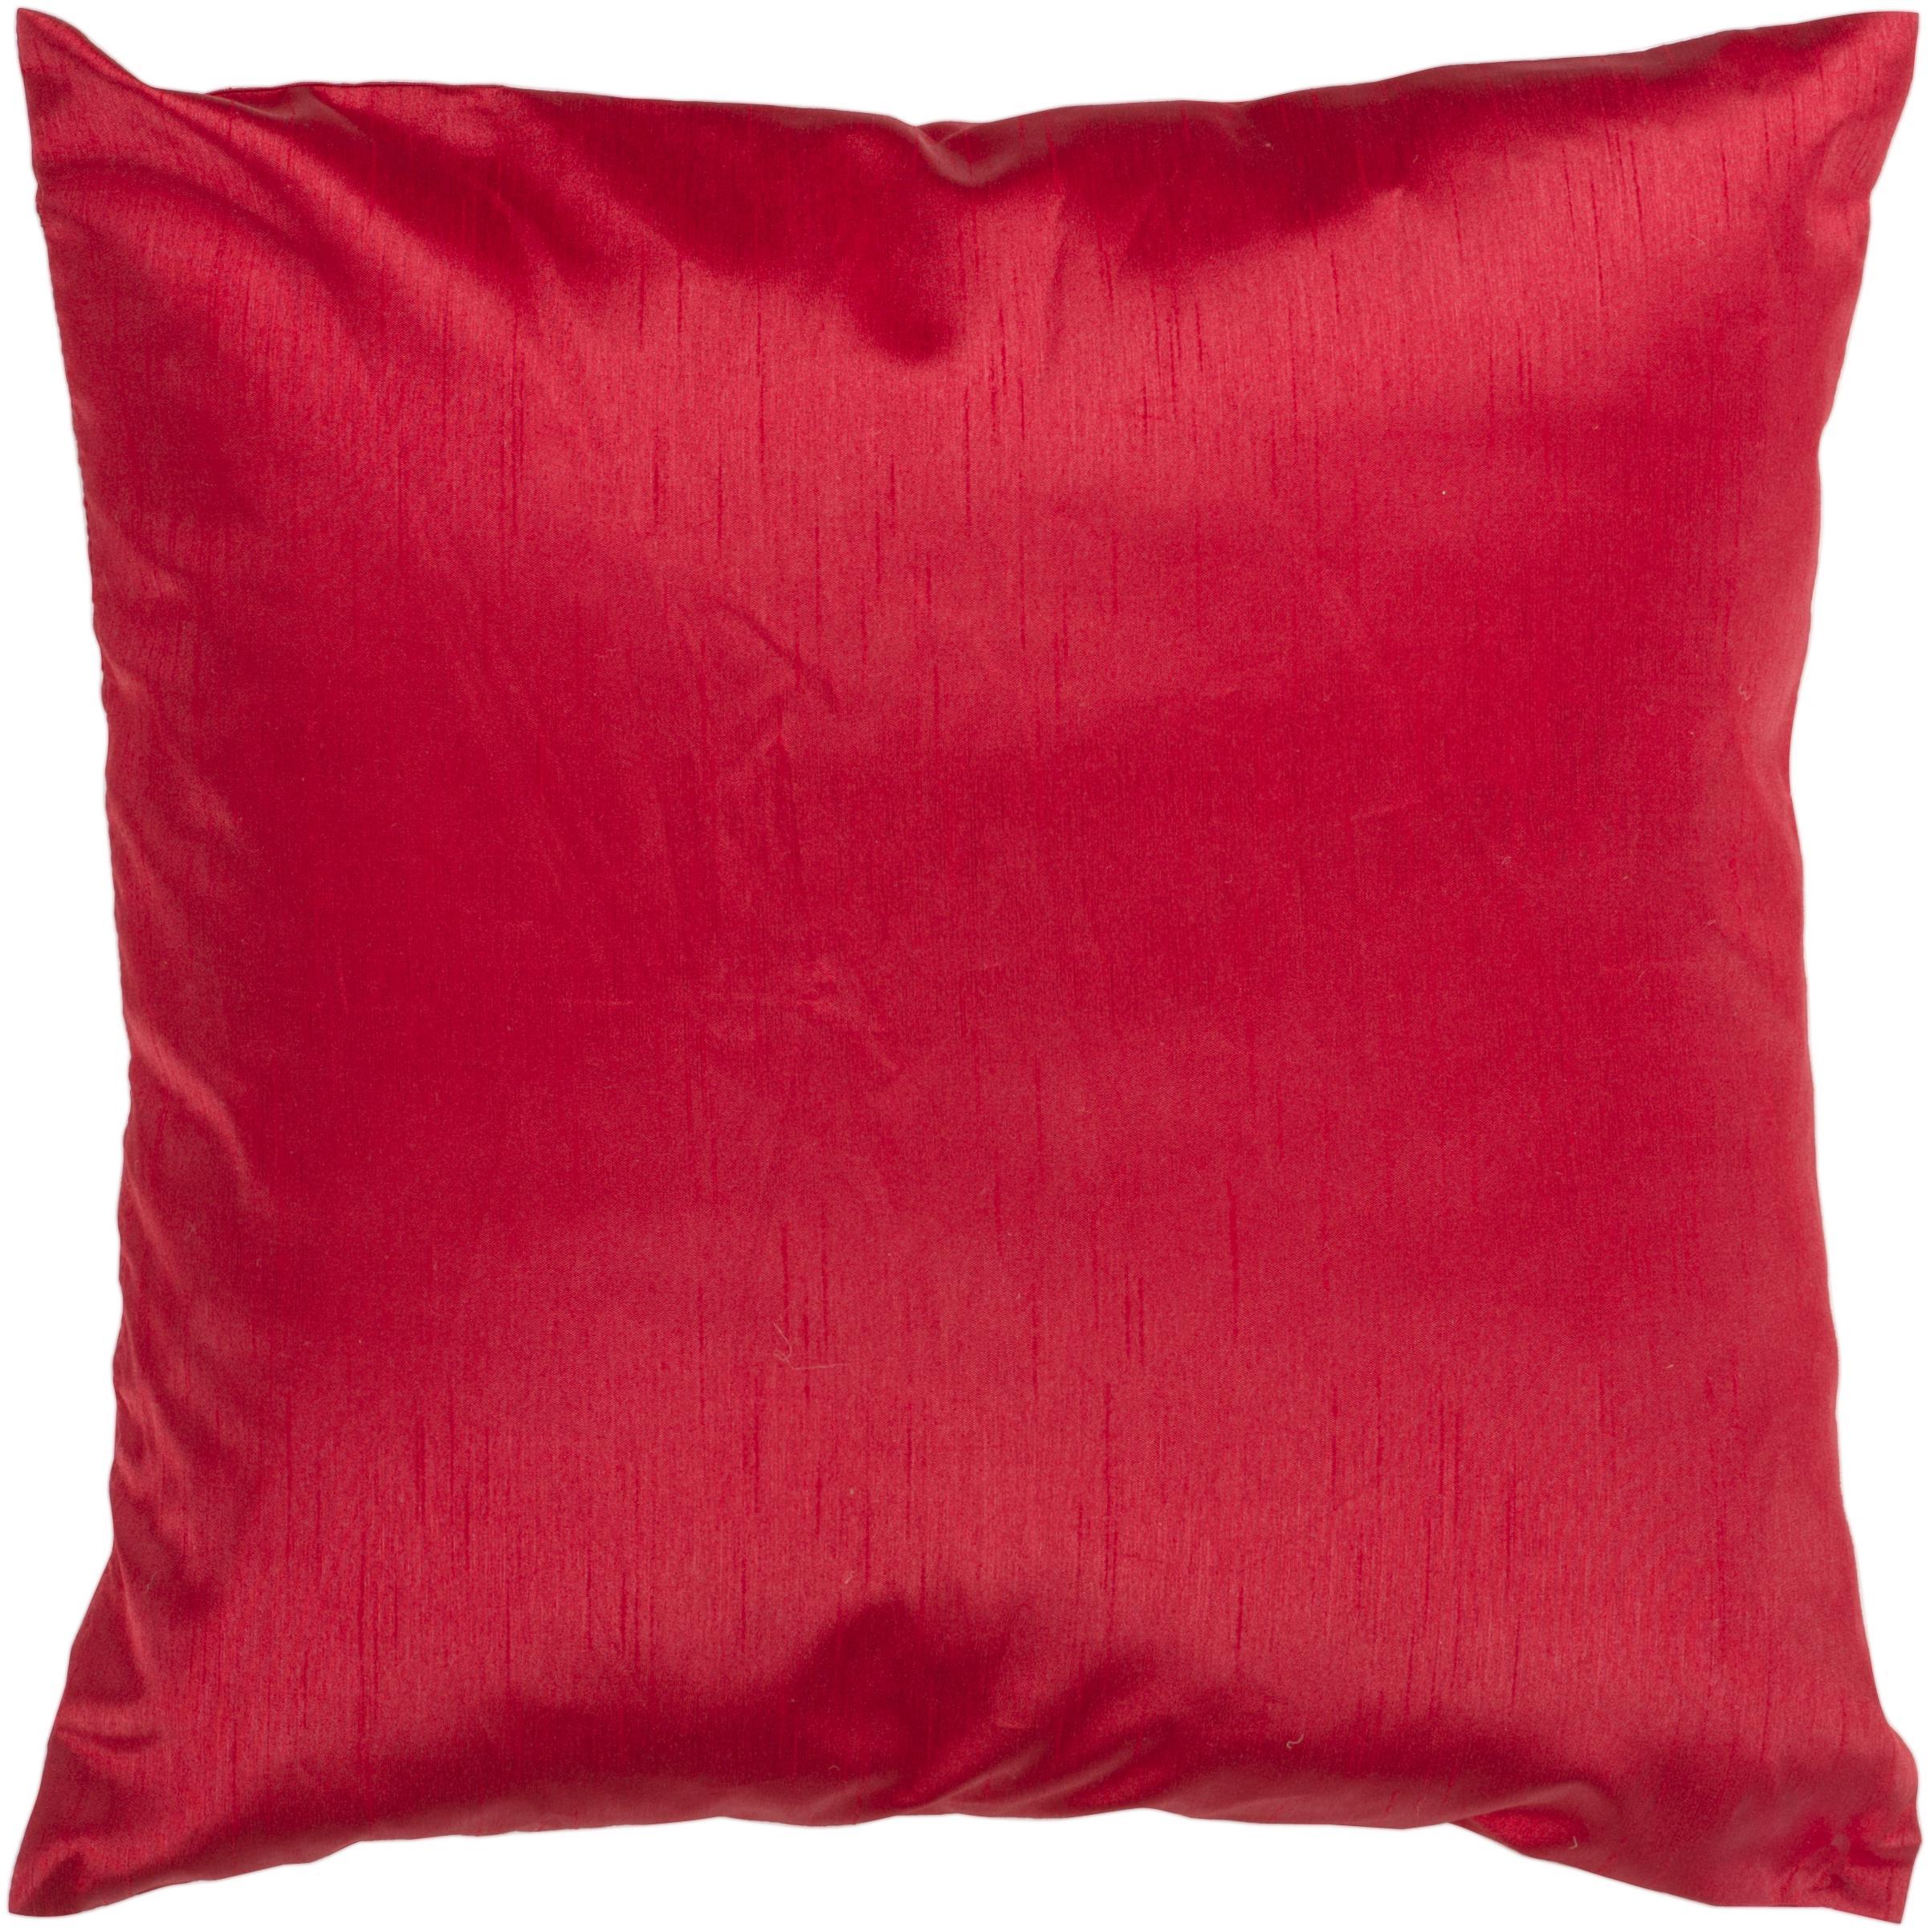 """Surya Pillows 22"""" x 22"""" Pillow - Item Number: HH035-2222P"""